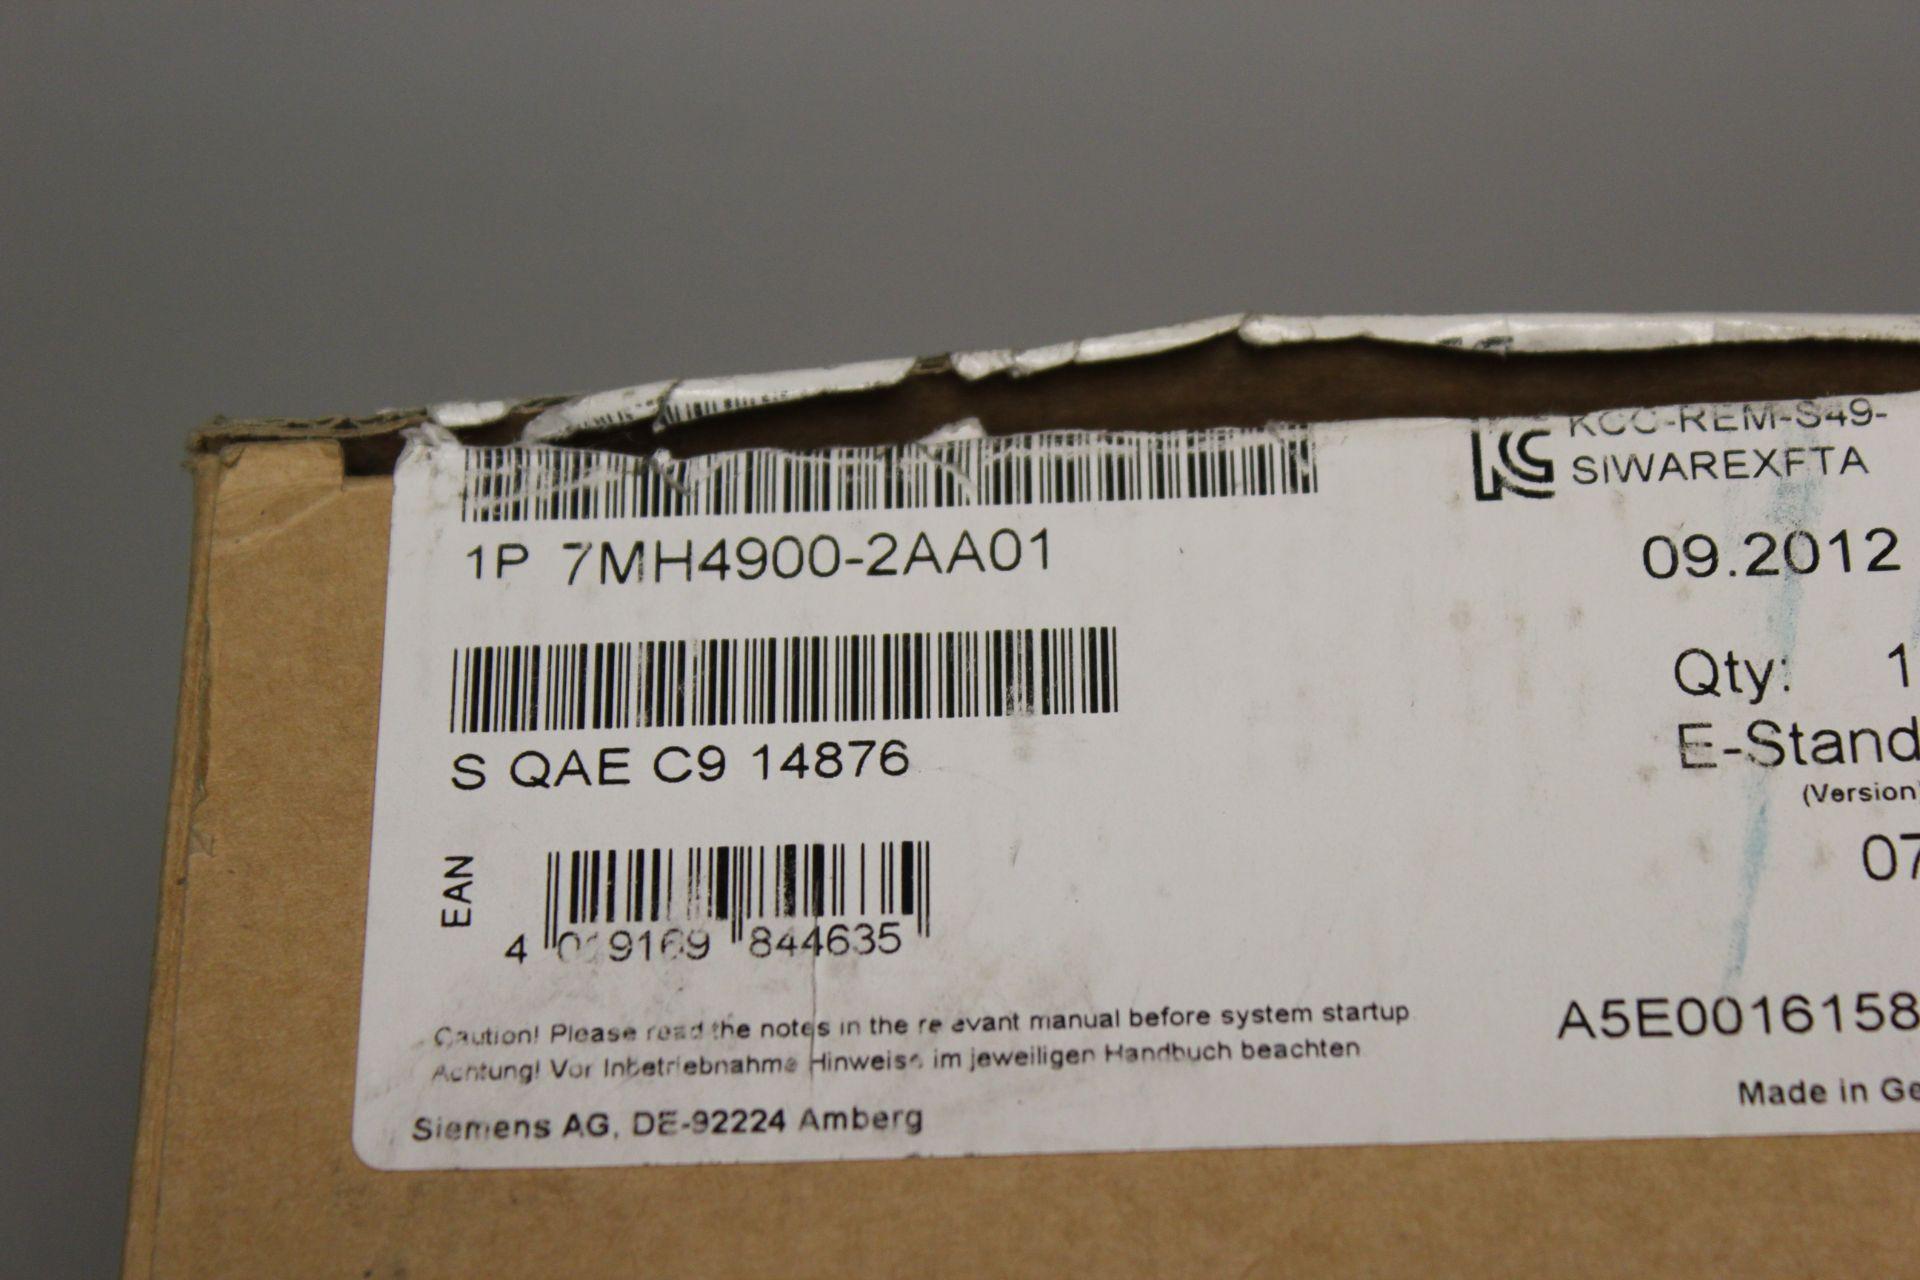 NEW SIEMENS SIWAREX FTA PLC WEIGHING MODULE - Image 2 of 8